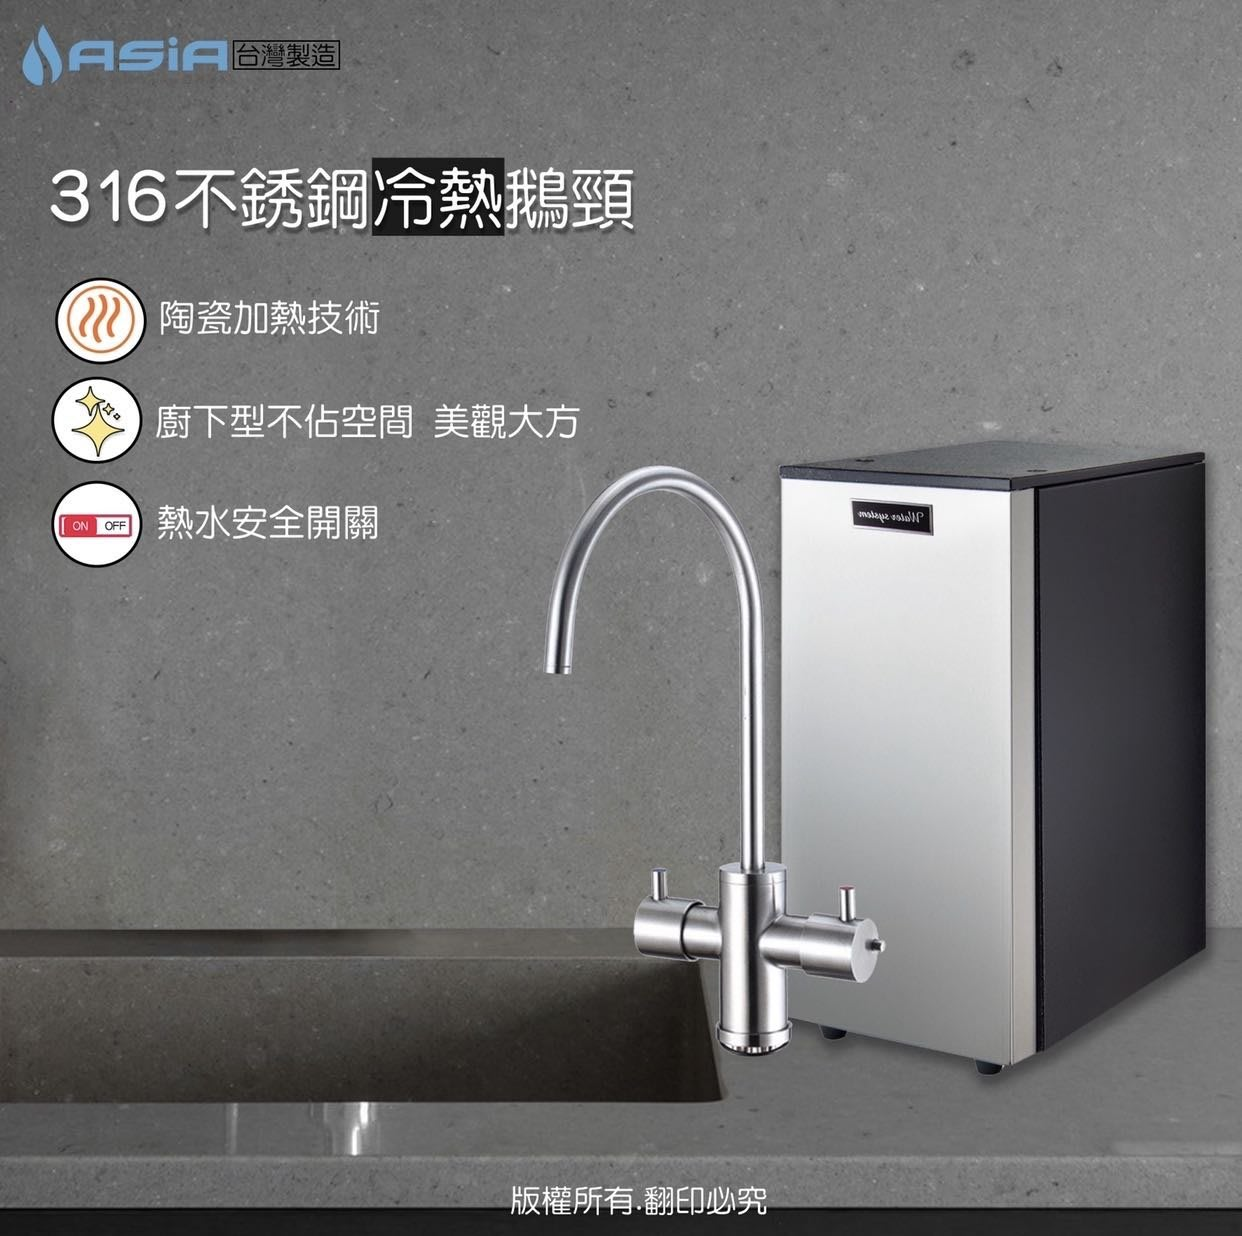 歡迎議價【亞洲淨水】TSeven HS-488雙溫廚下加熱器/飲水機 搭配「316不鏽鋼龍頭」─贈生飲機 含安裝(廣)